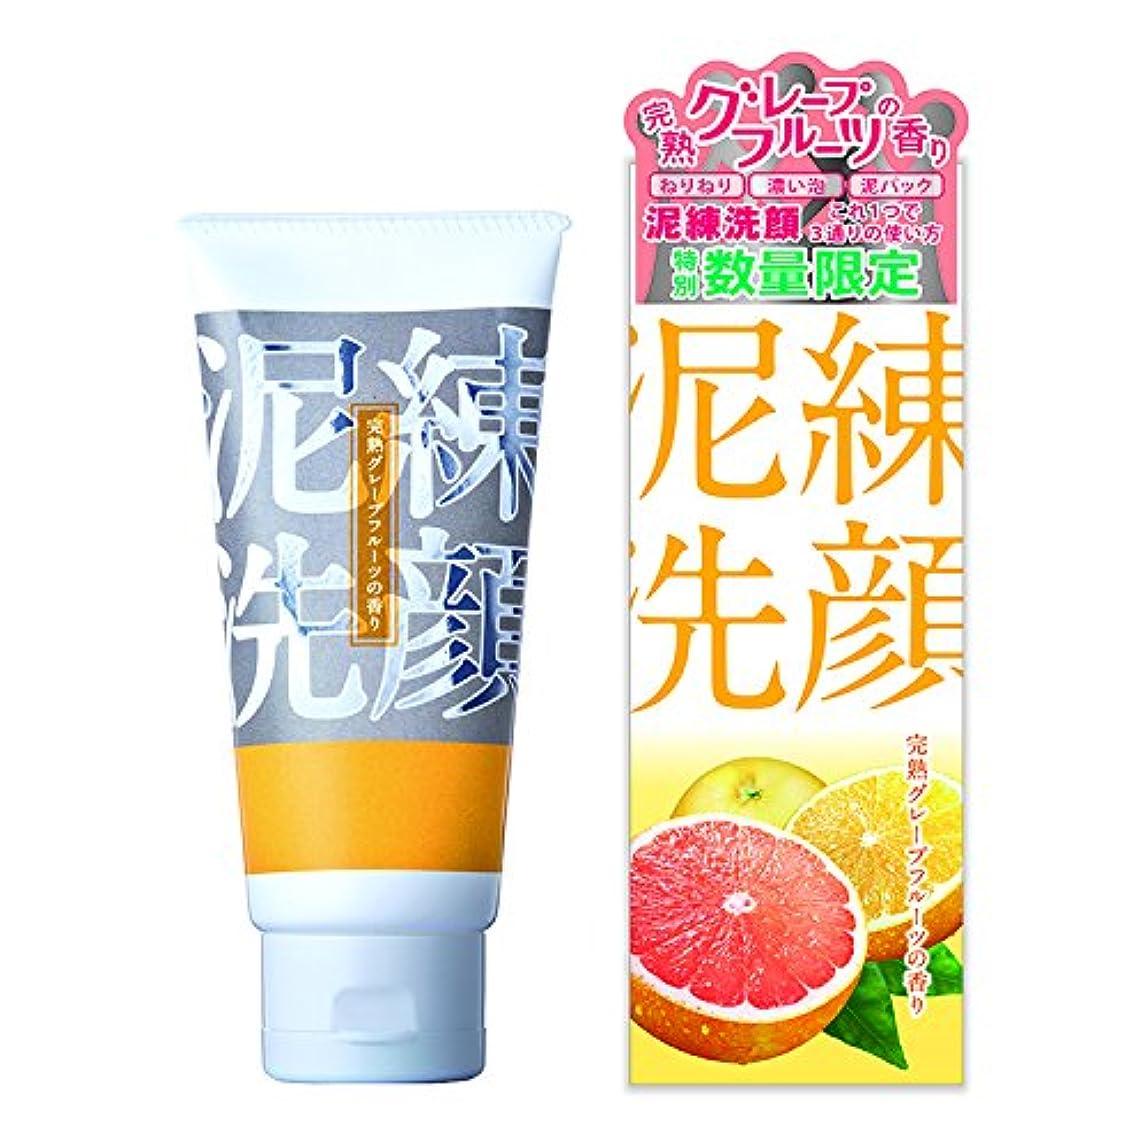 アカデミー提案するわがまま泥練洗顔 完熟グレープフルーツの香り 120g【泥 洗顔 6種の泥で 黒ずみ 毛穴 洗浄 3つの使い方】